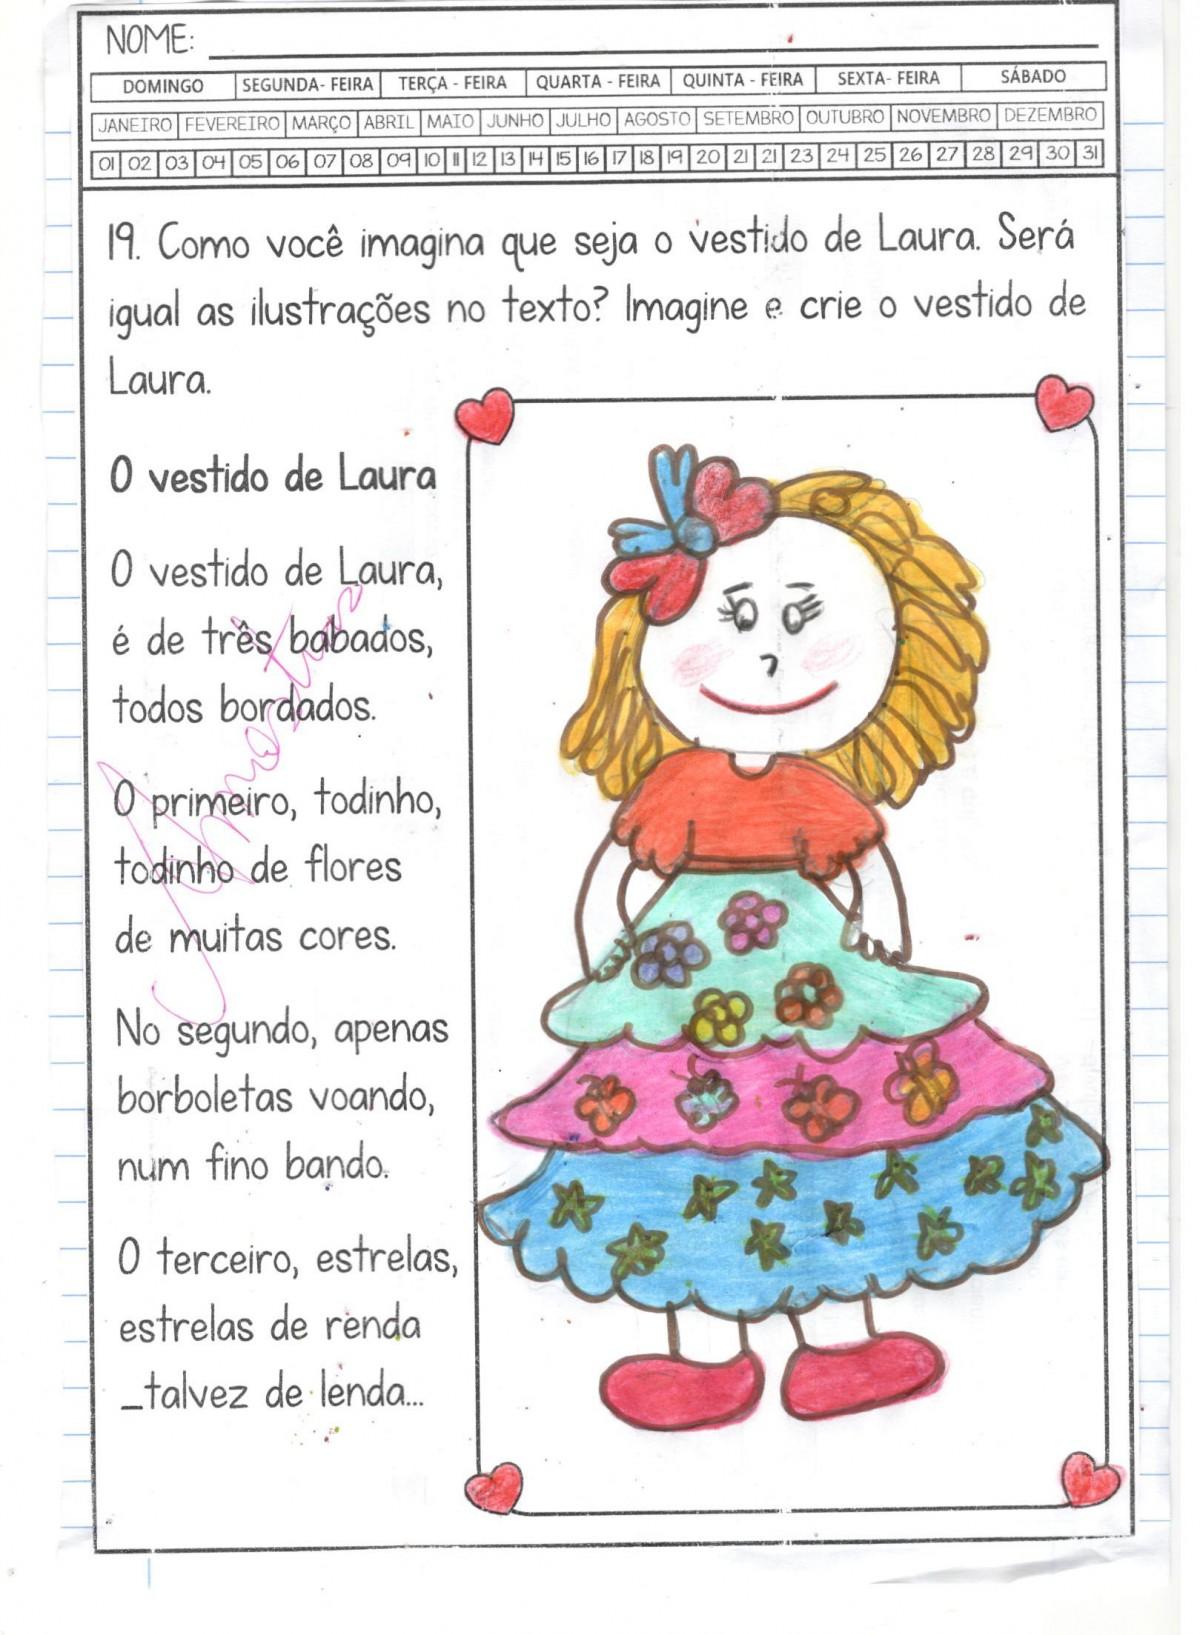 Foto3 - Caderninho BNCC O vestido de Laura 2º e 3º anos